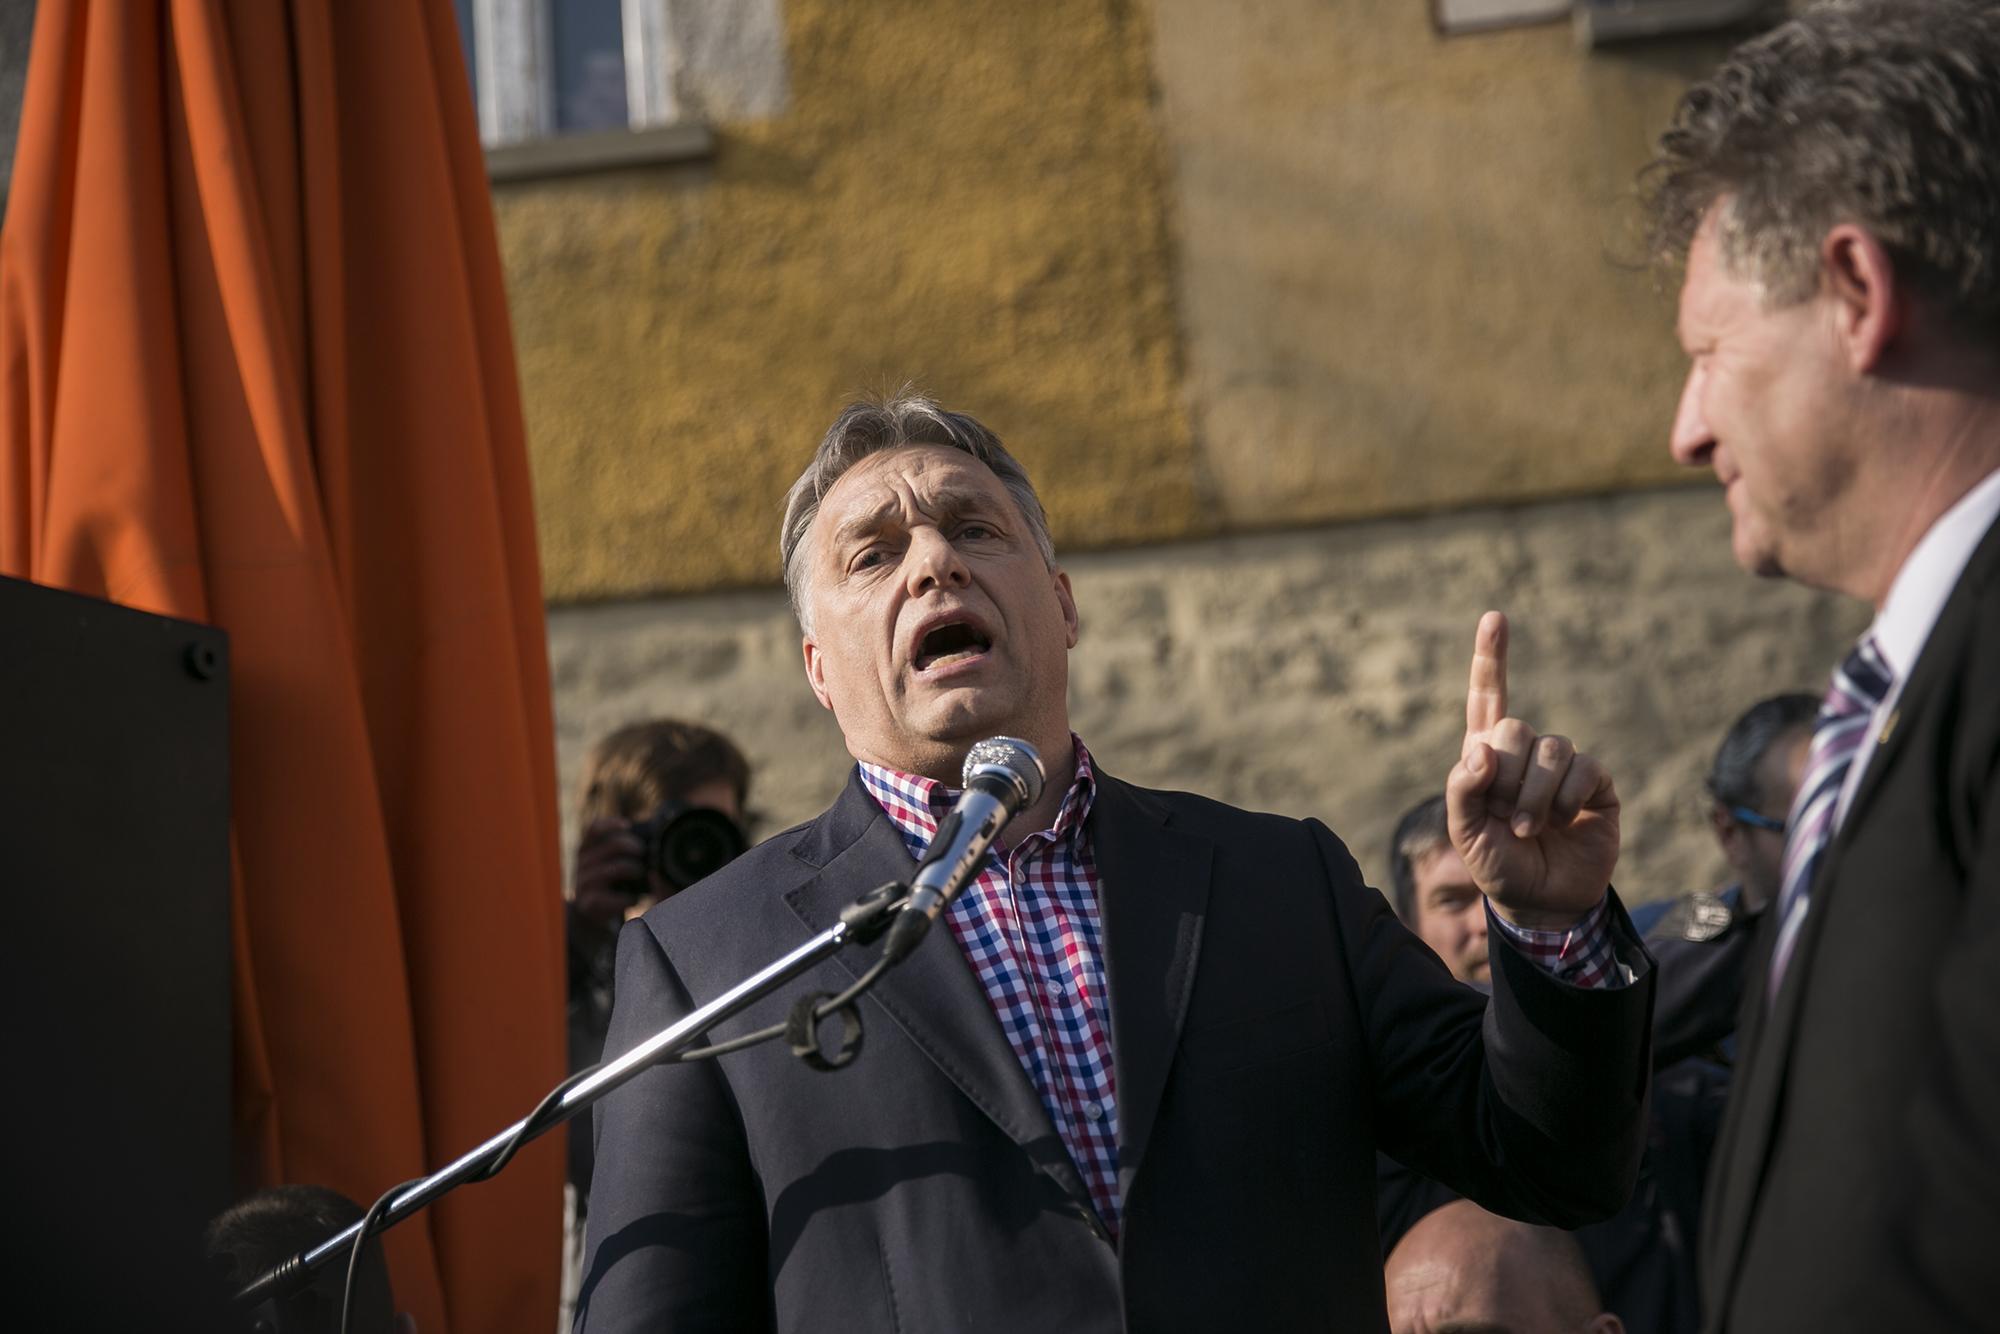 Orbán bevándorlózó levélben hívja a lakosokat szavazni